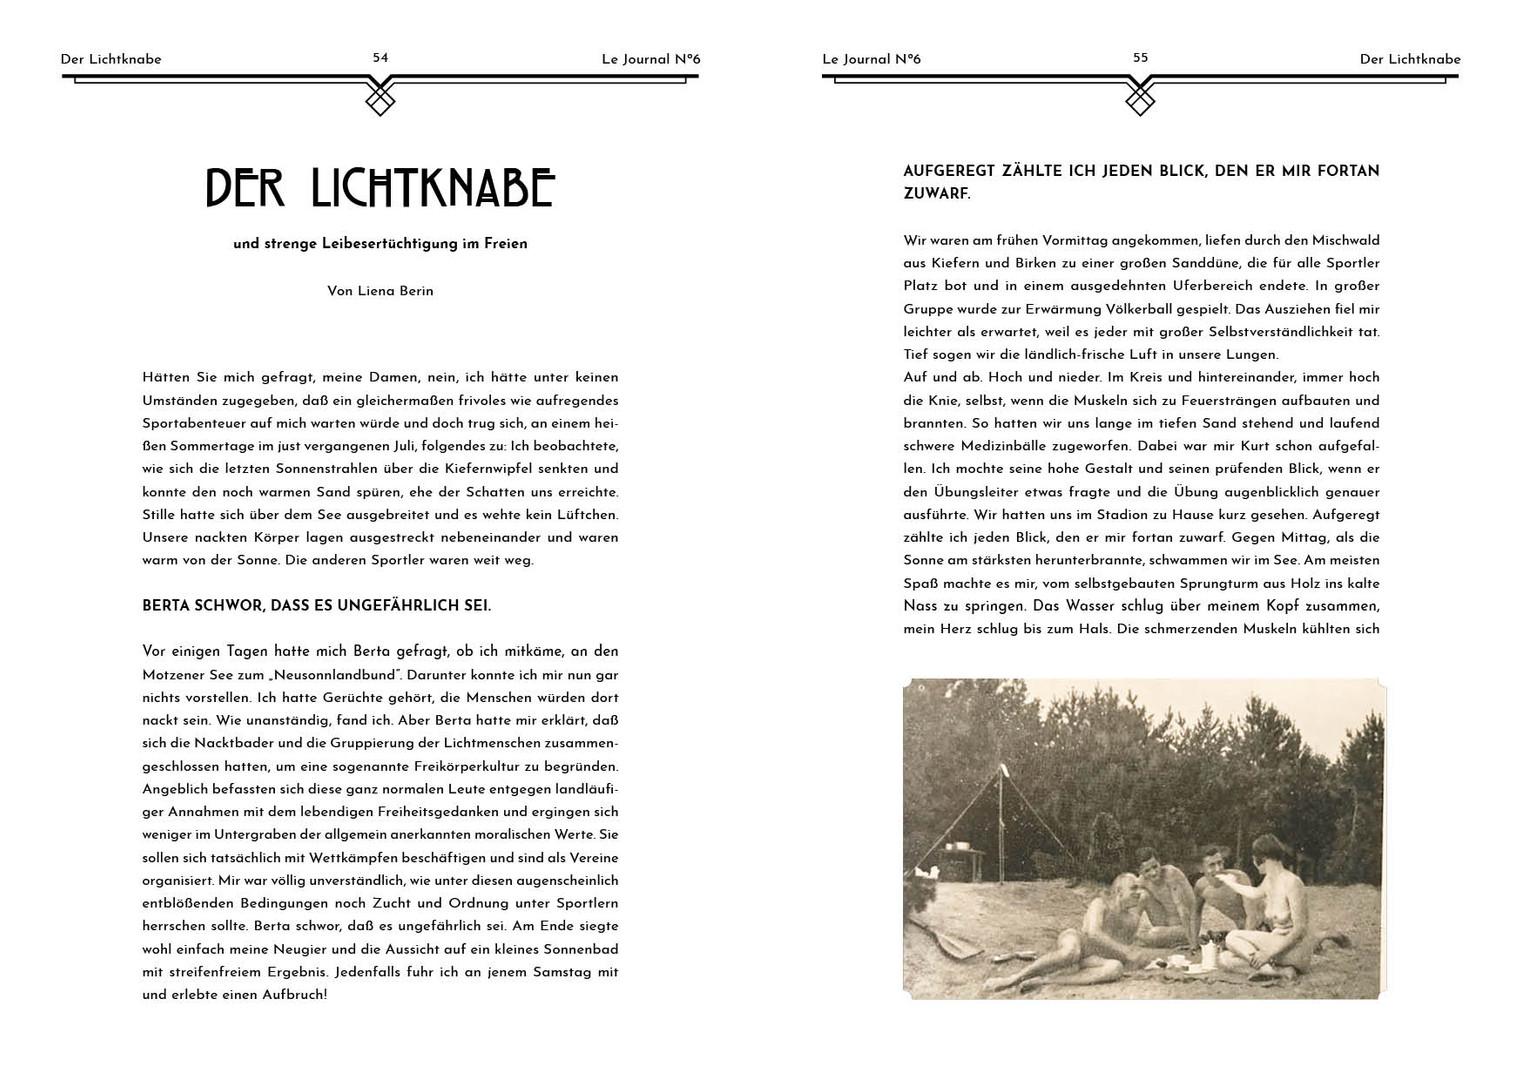 LeJournalNo6_28.jpg